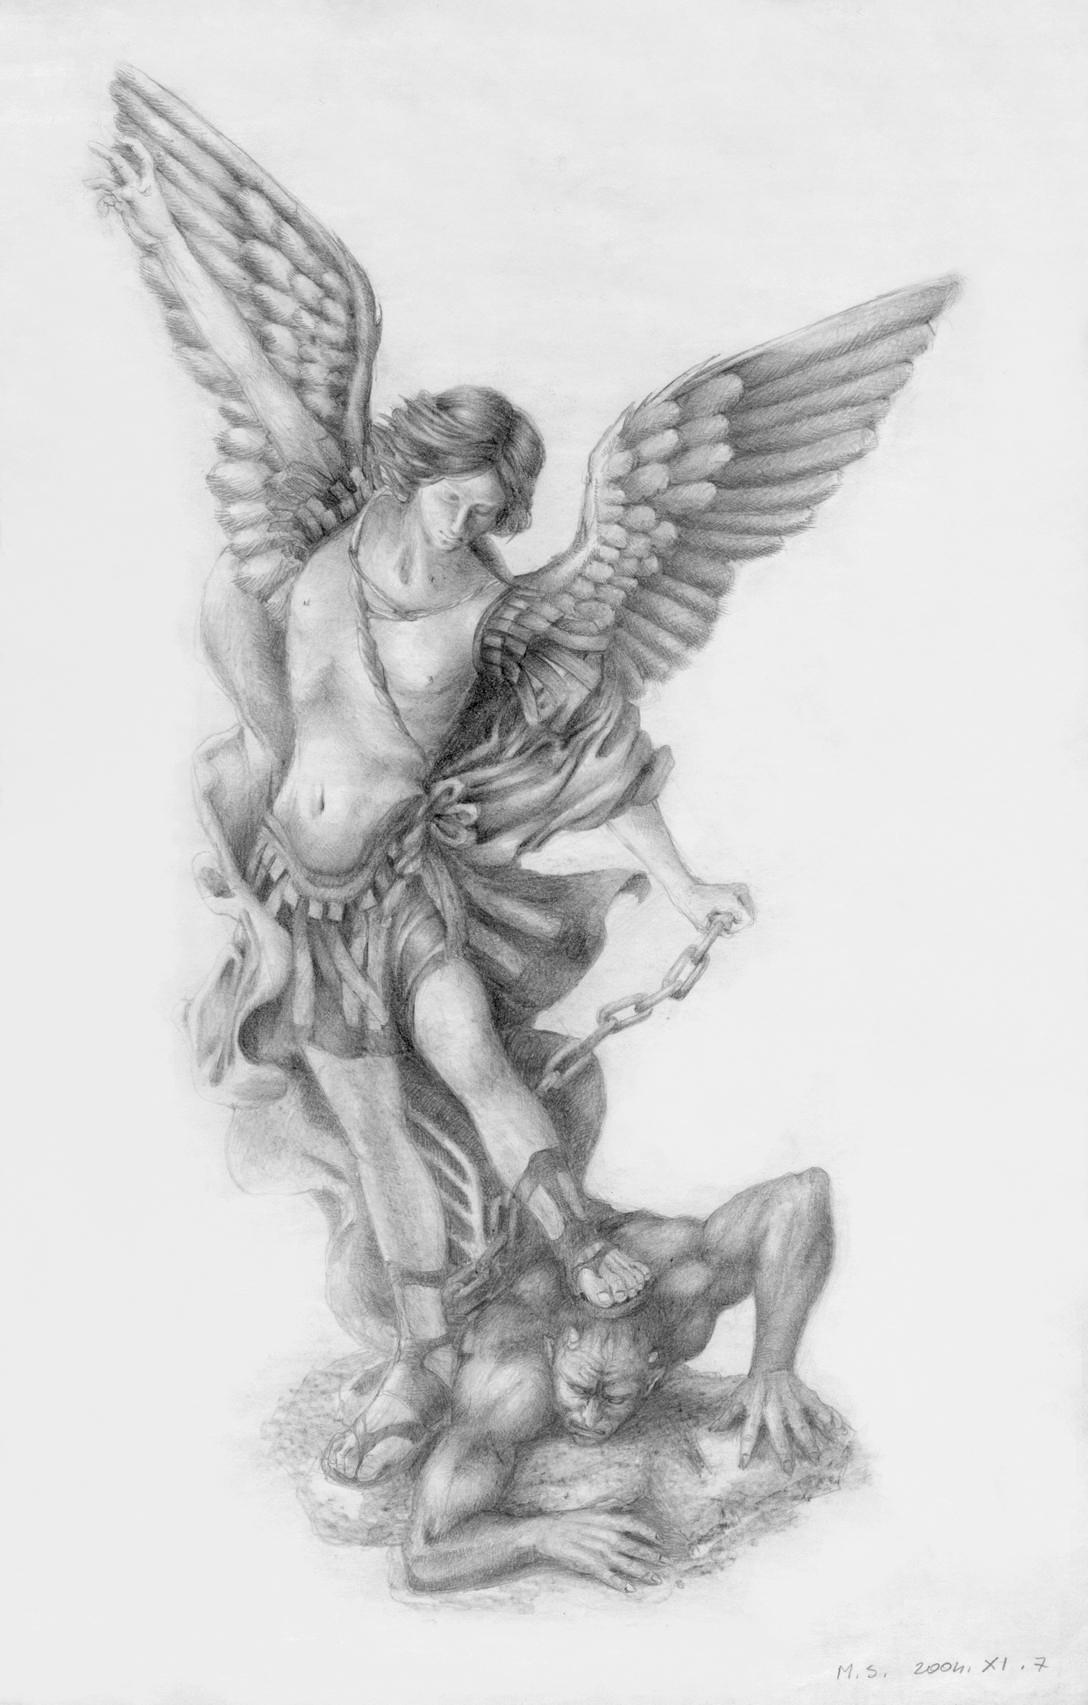 St. Michael defeating devil by MikhailD on DeviantArt